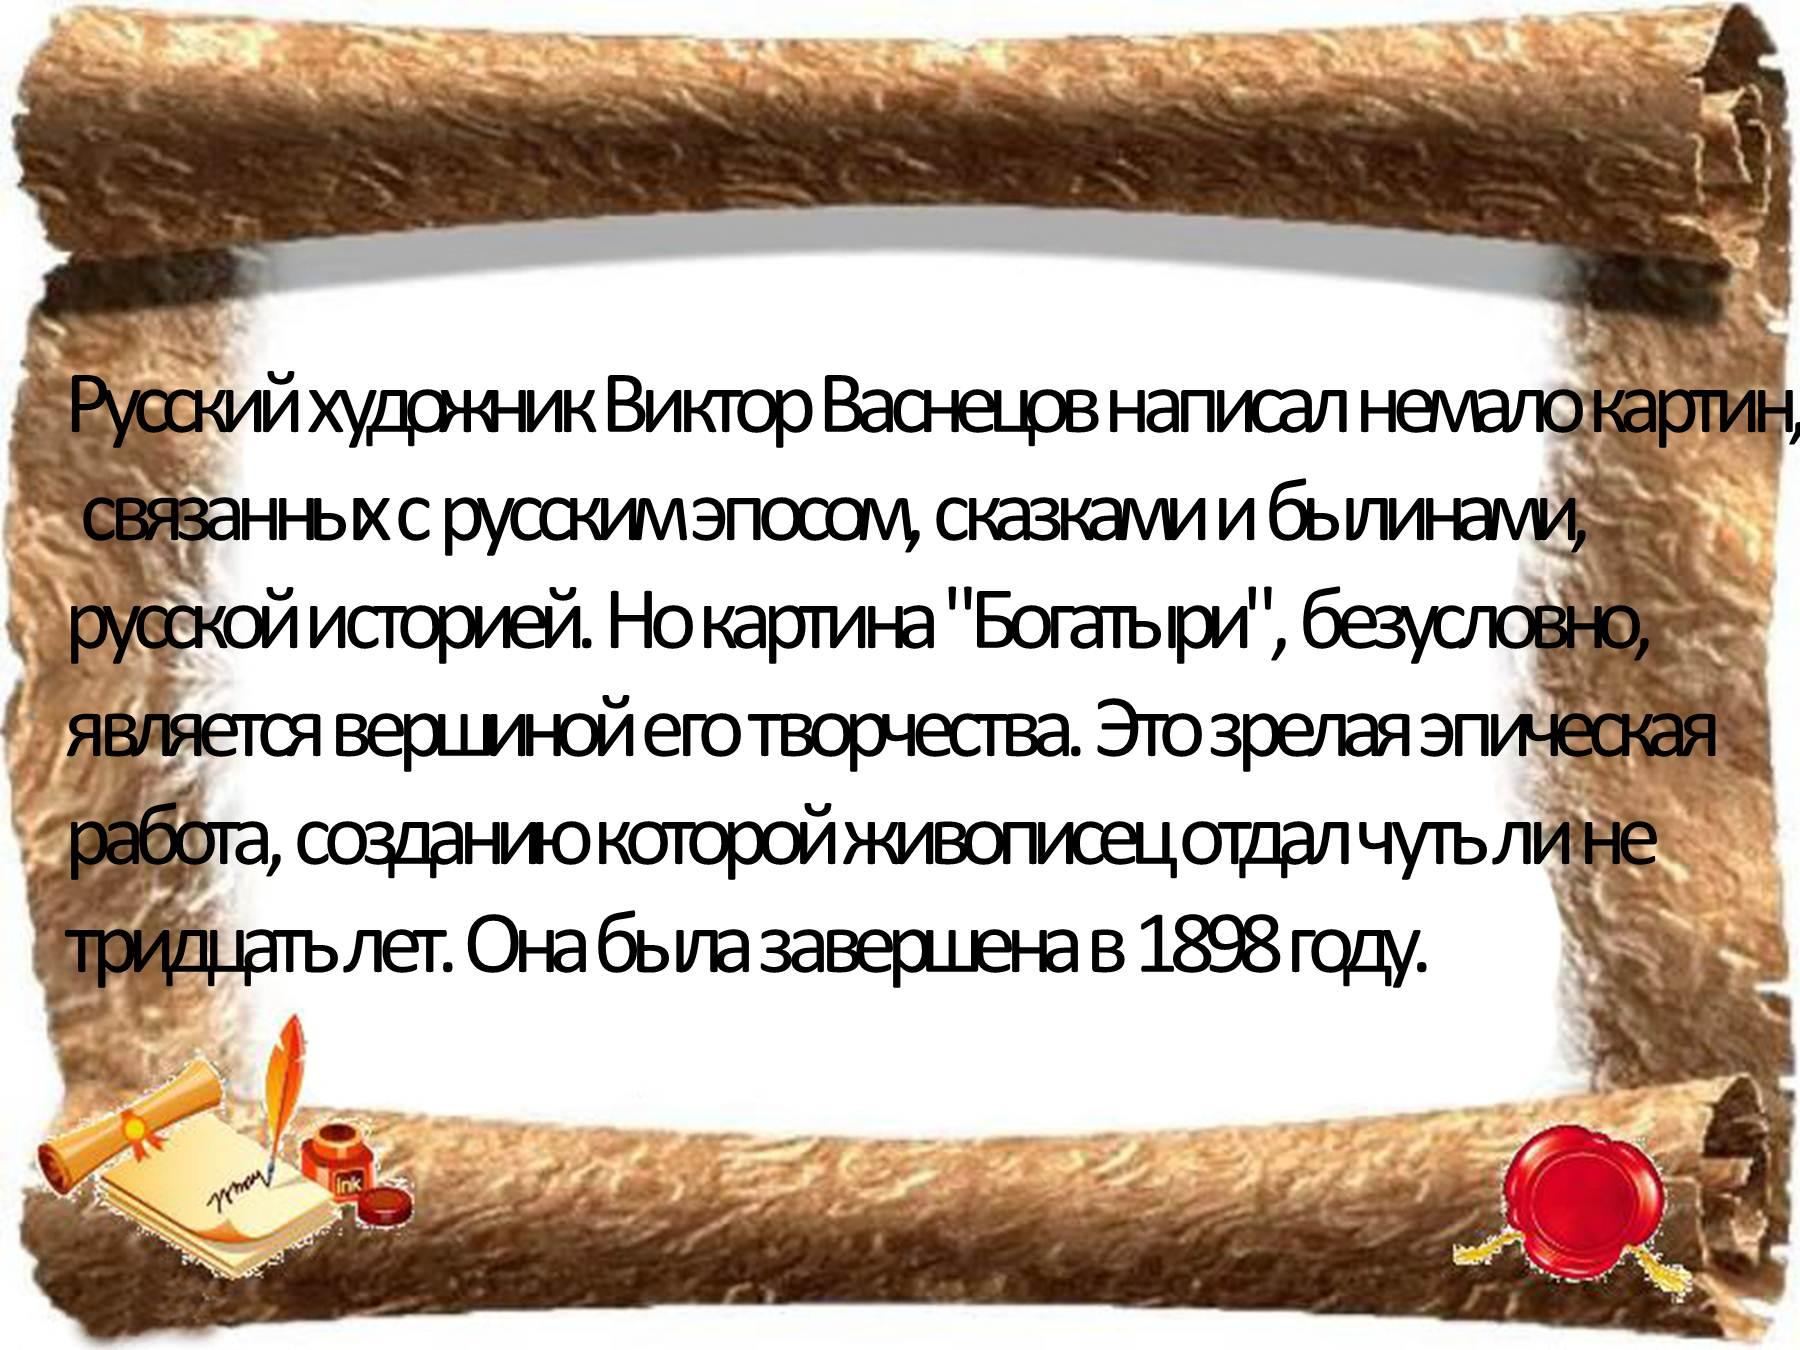 sochinenie-dlya-nachalnoy-shkole-1-4-klassi-skachat-referat-sochinenie-viskazivanie